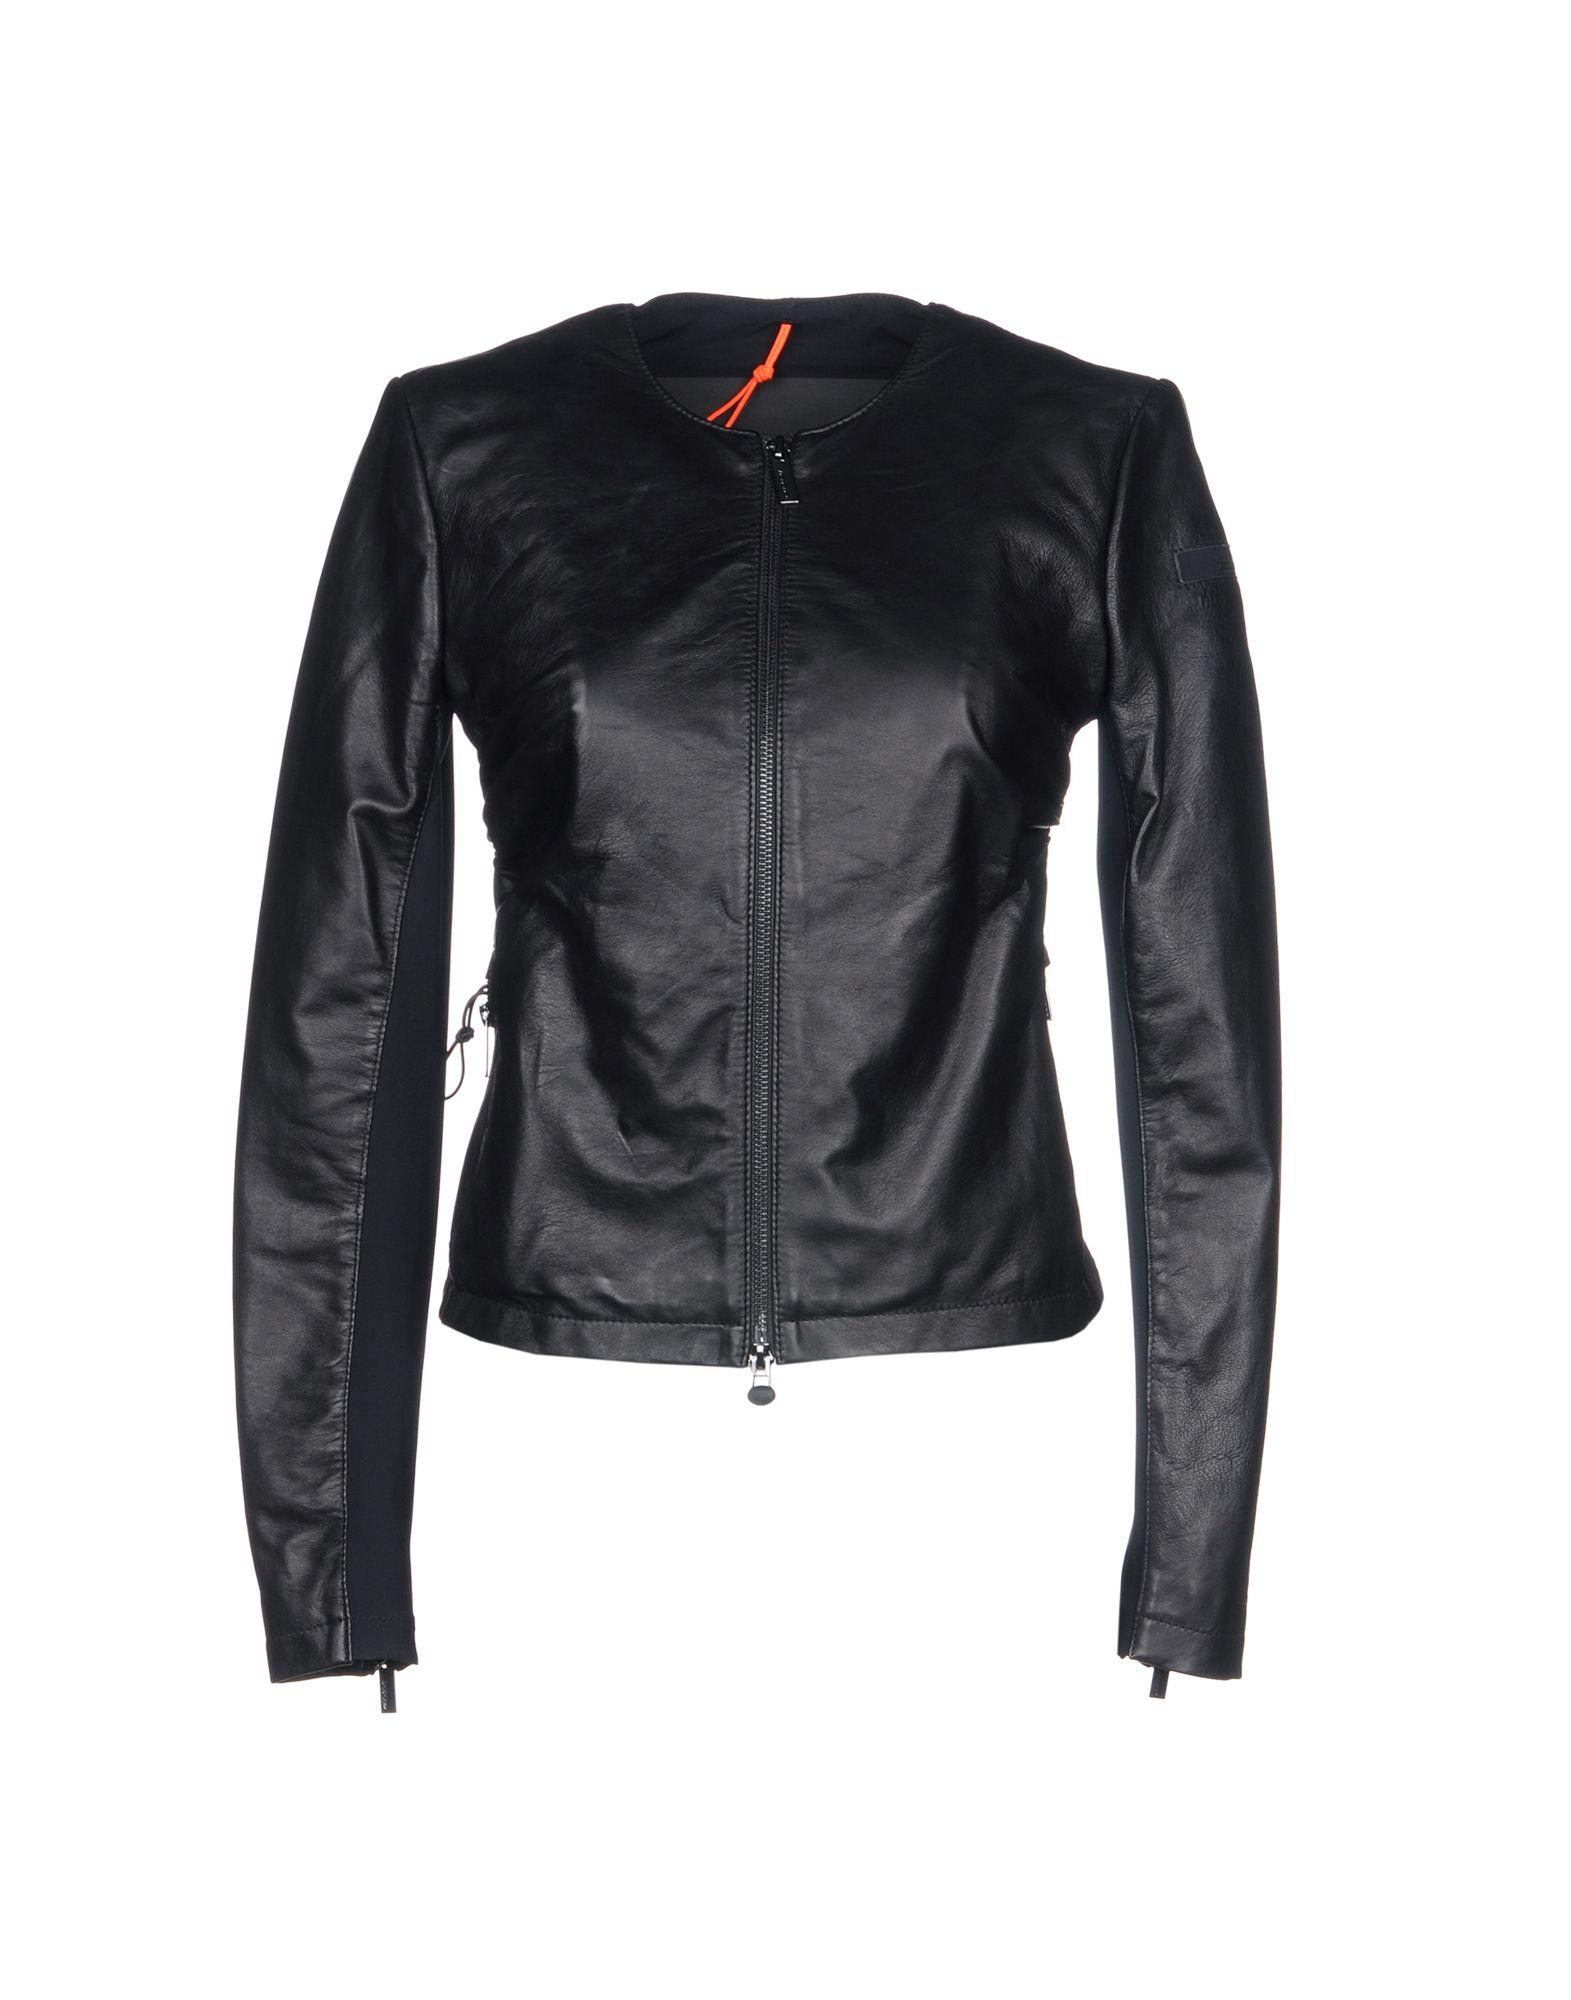 RRD Куртка чита мотокуртка косуха